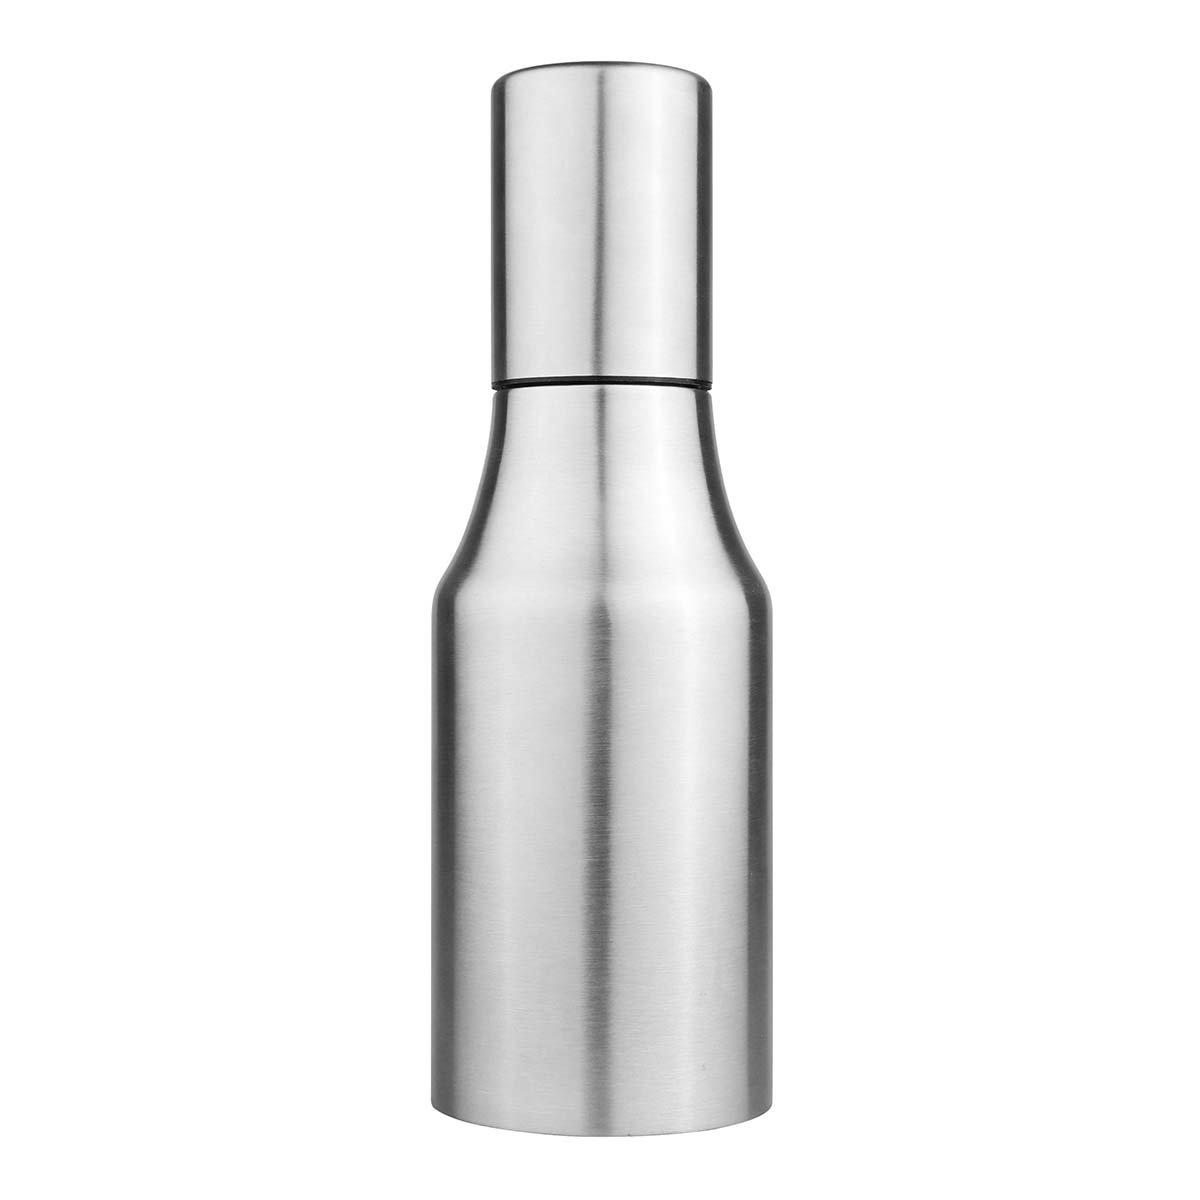 Compra TiooDre Acero 500 ml/17 oz de Acero a Prueba de Fugas dispensador de Aceite de la Botella de Aceite Crisol para Aceite de Oliva Vinagre Salsa de ...